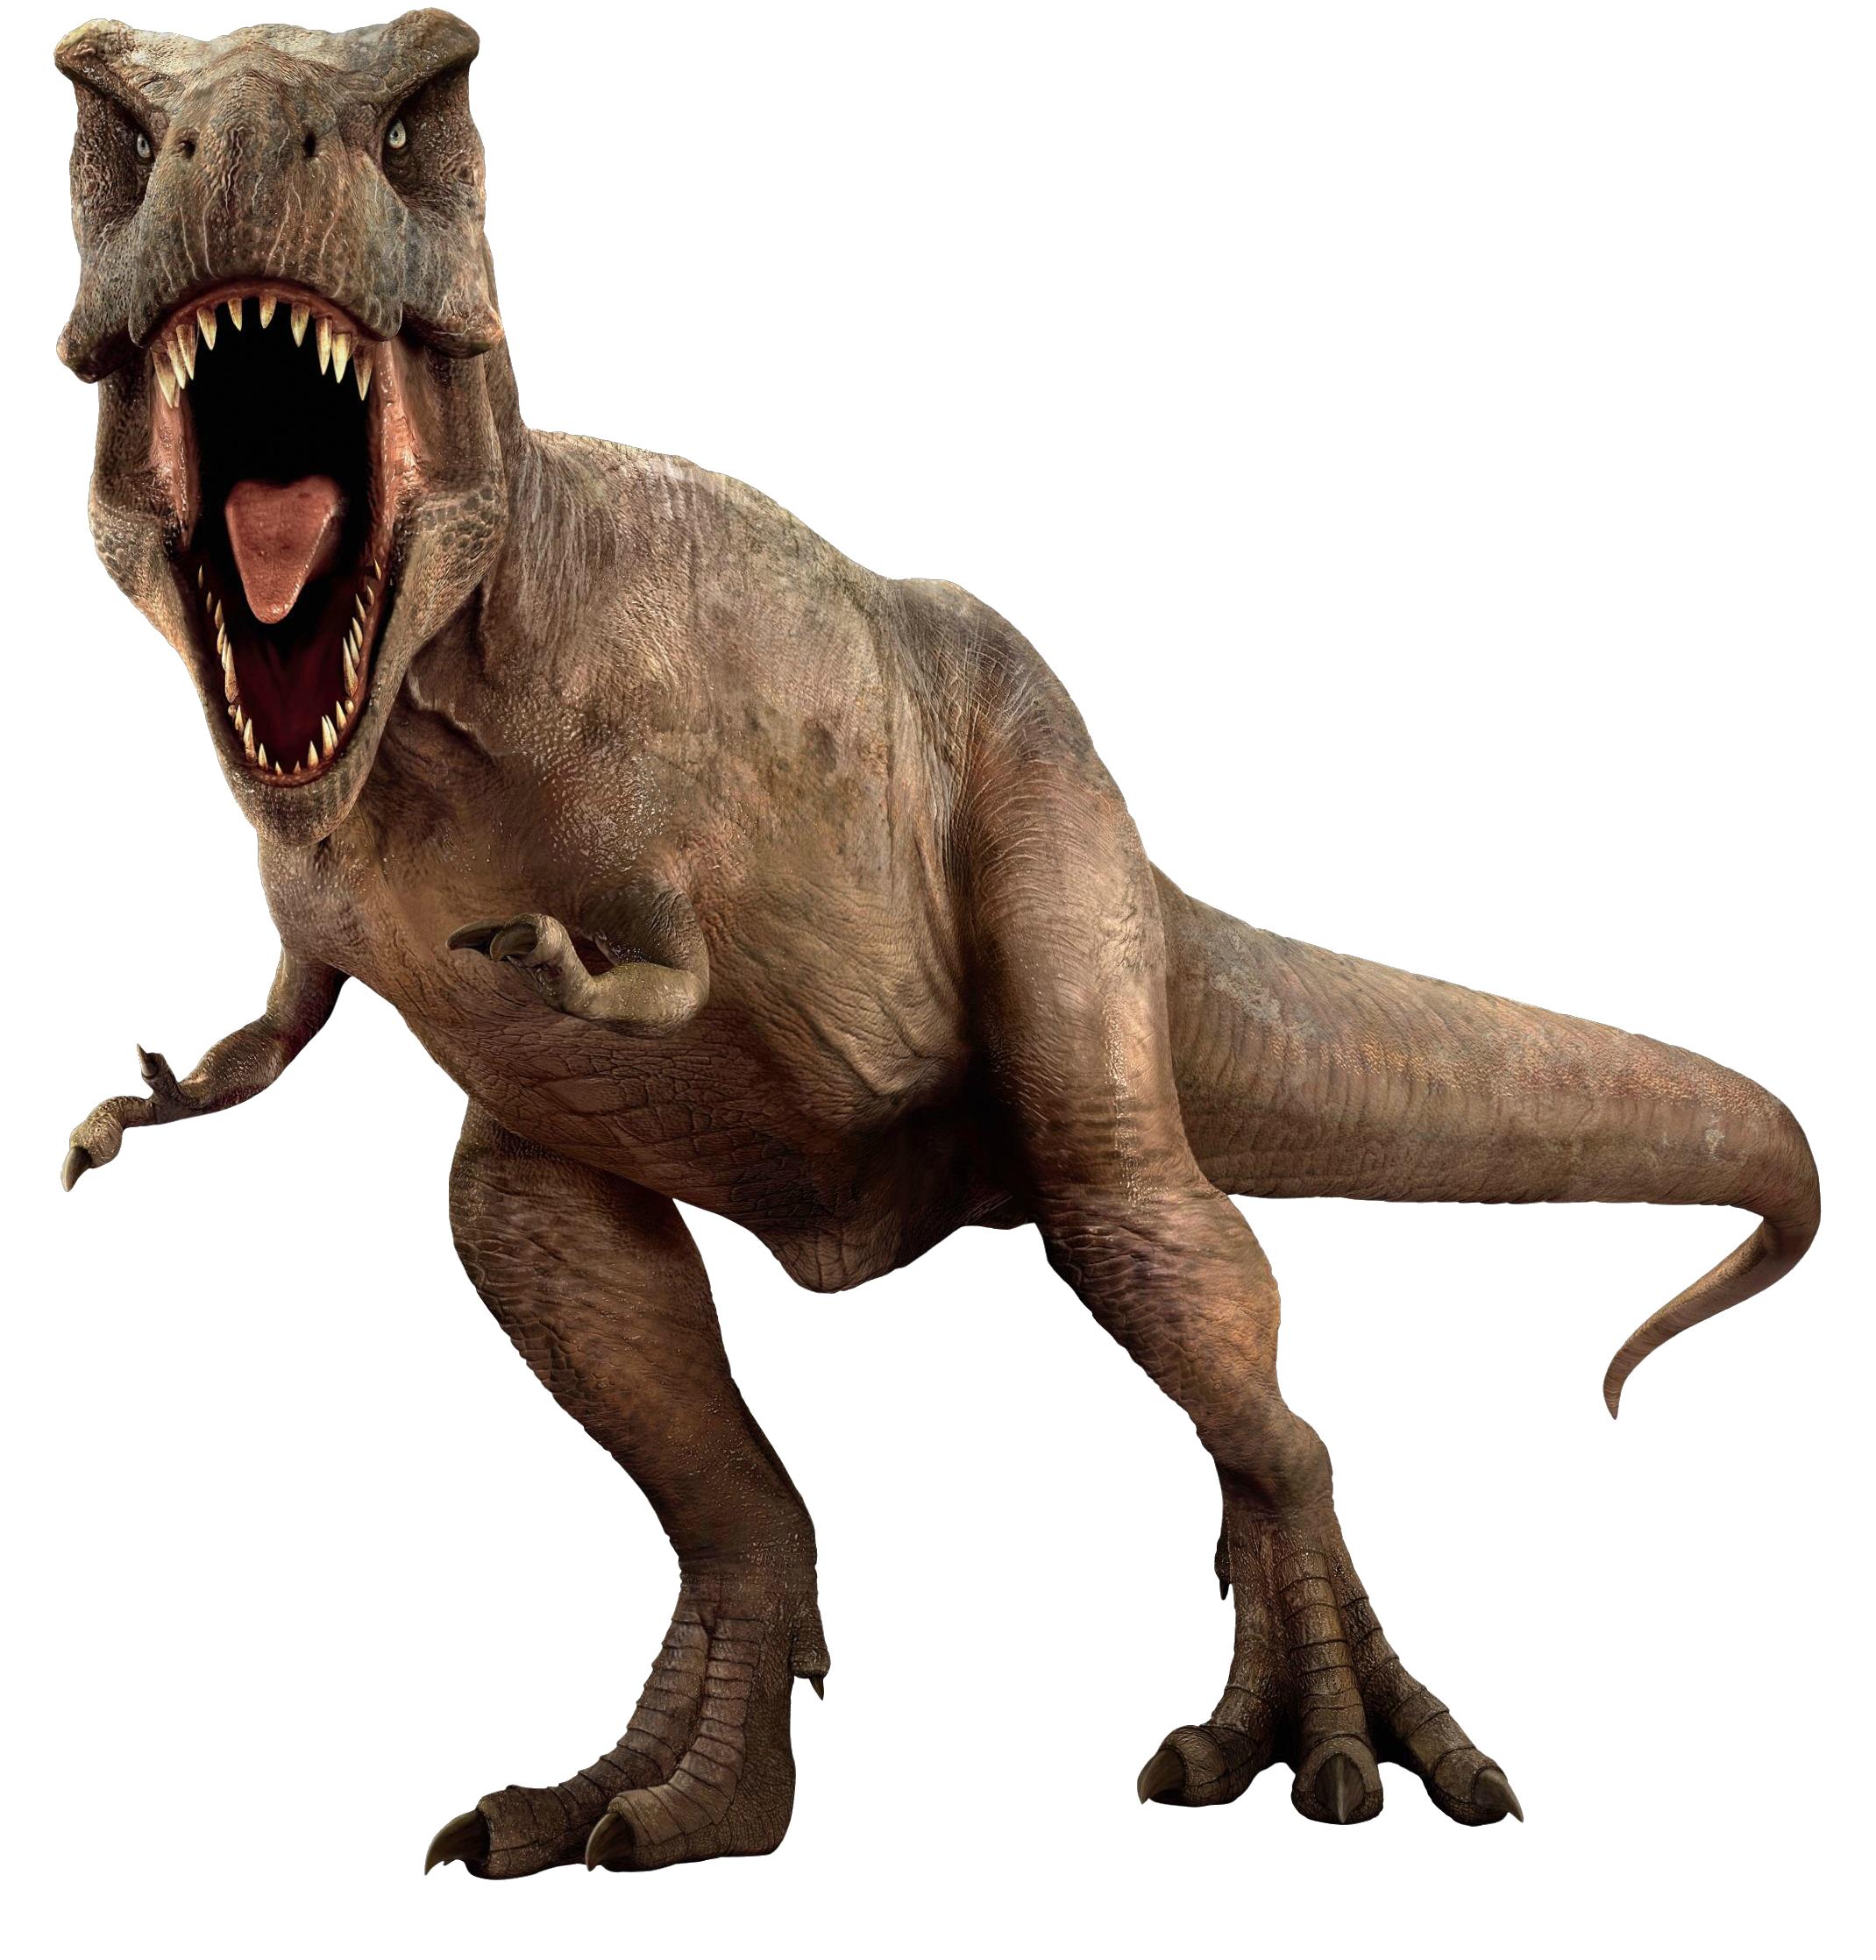 Dinosaur PNG - Dinosaur PNG